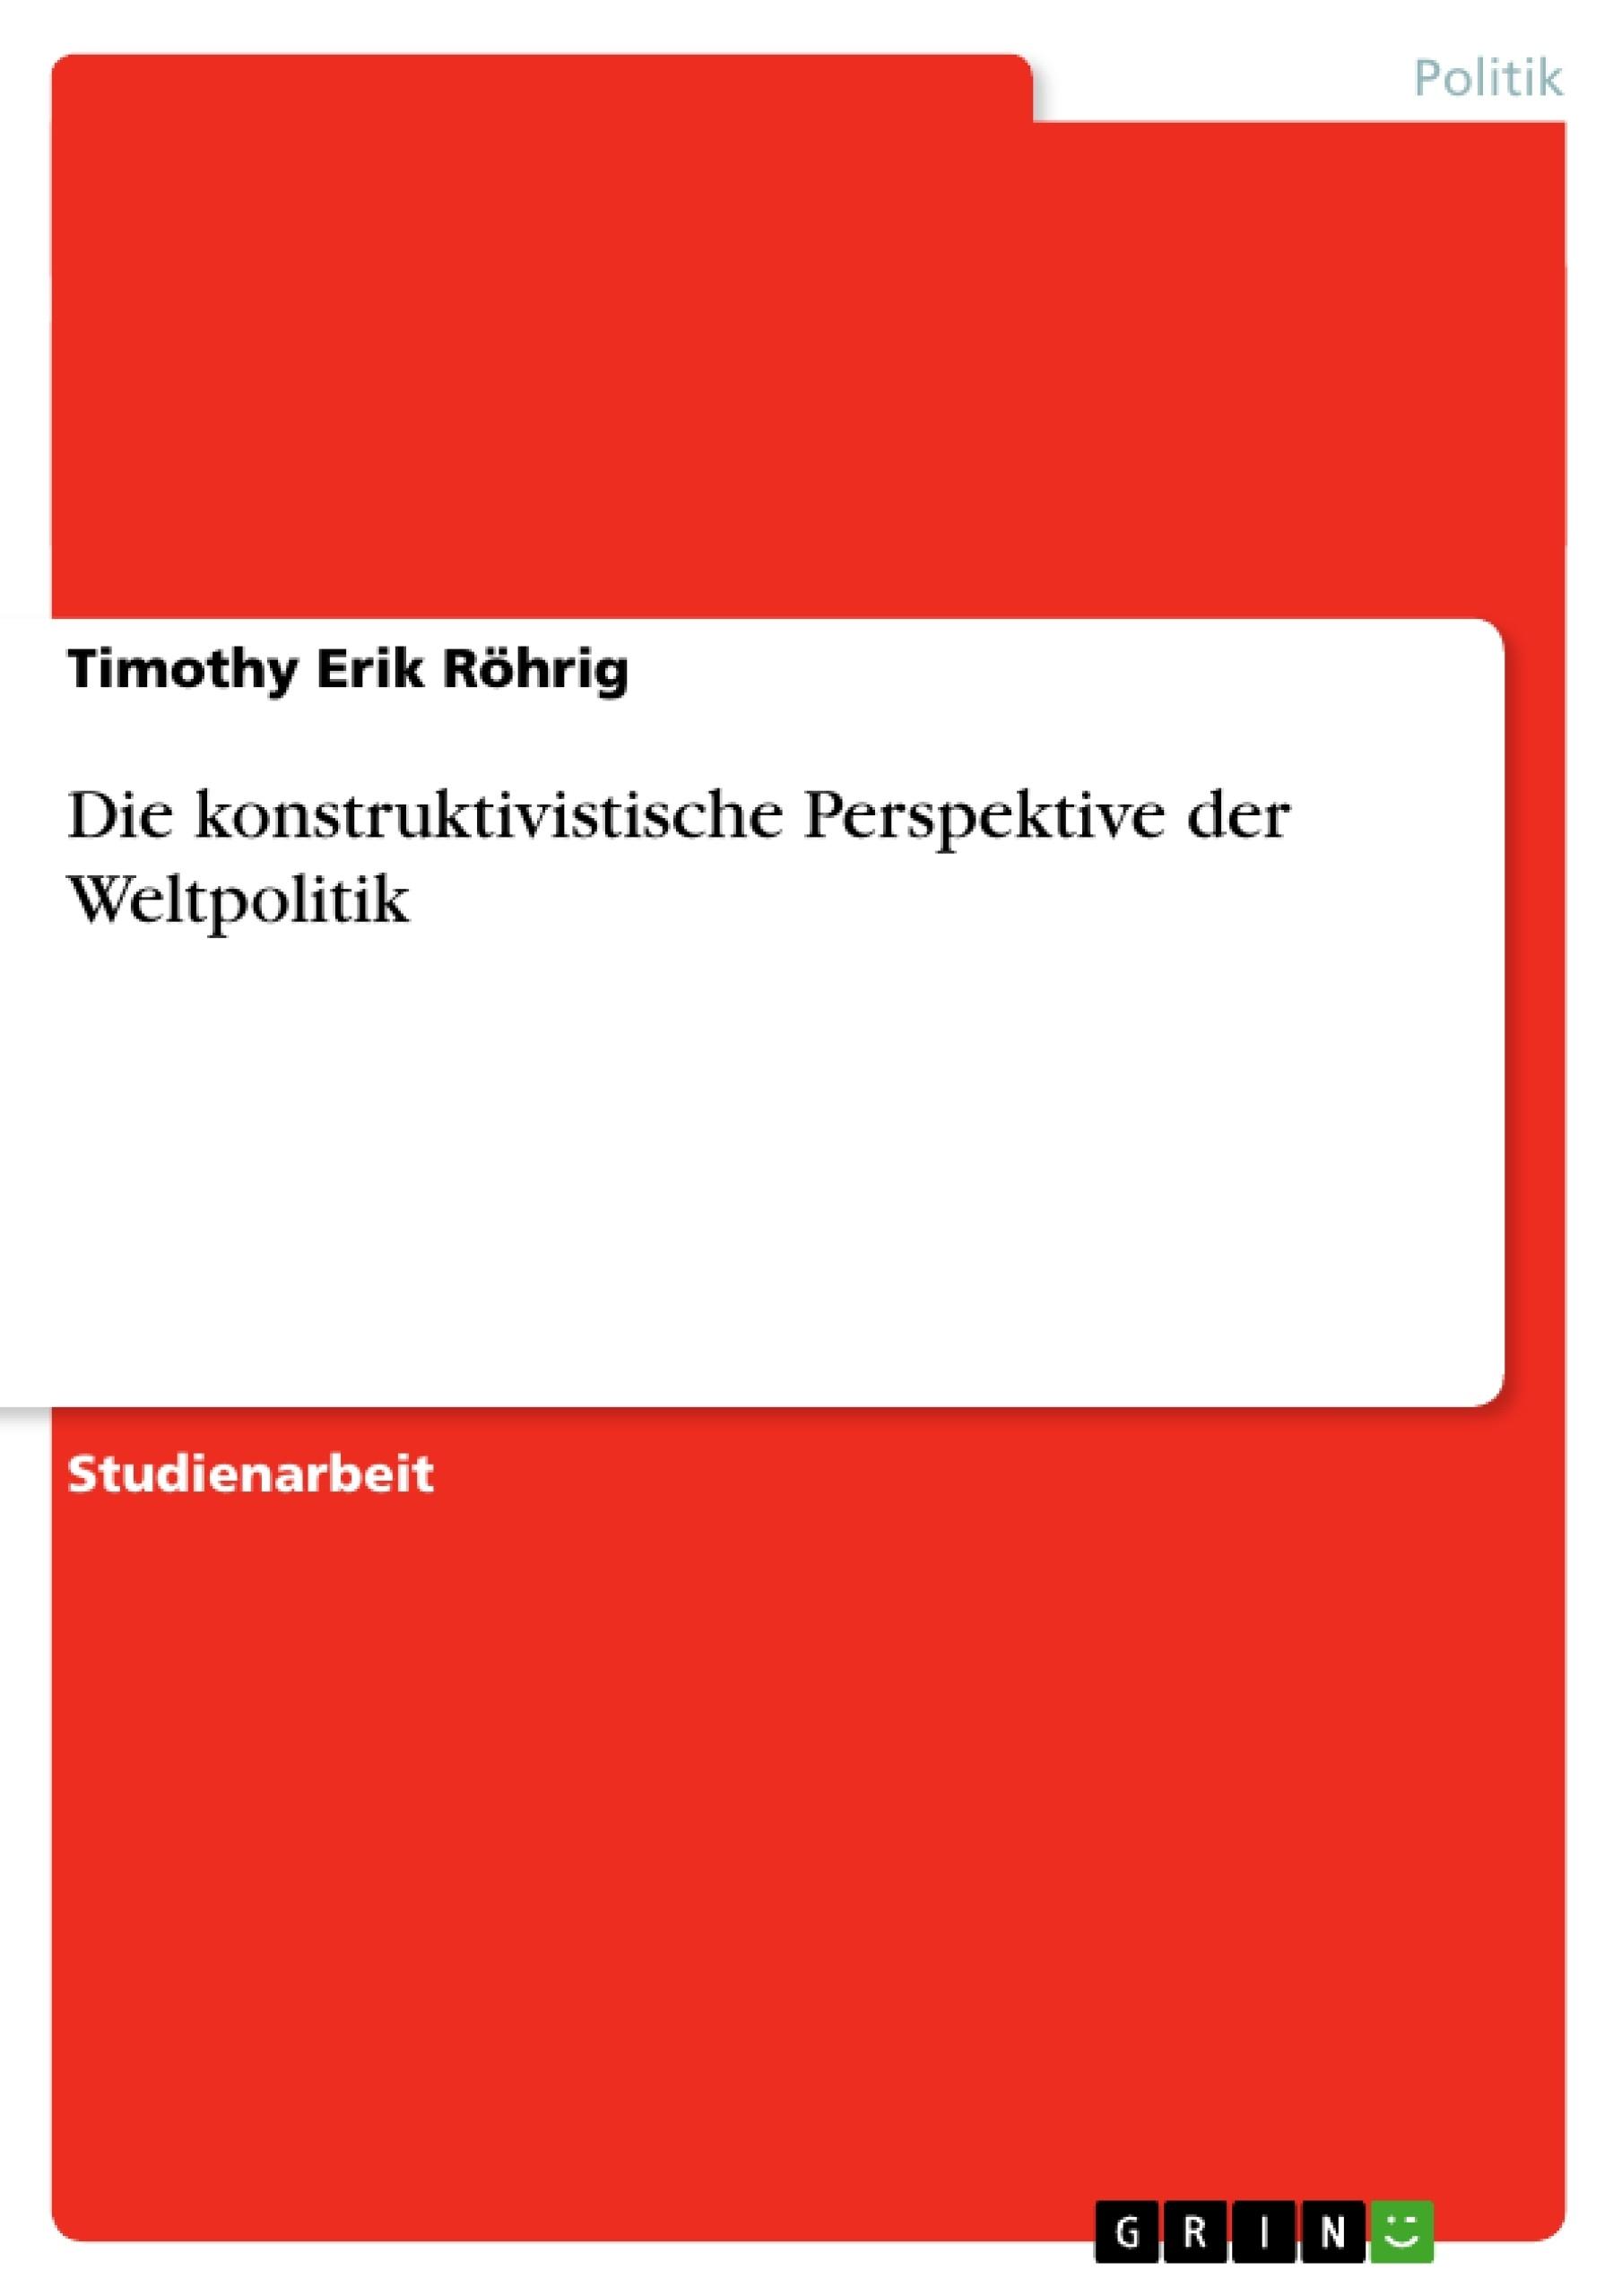 Titel: Die konstruktivistische Perspektive der Weltpolitik